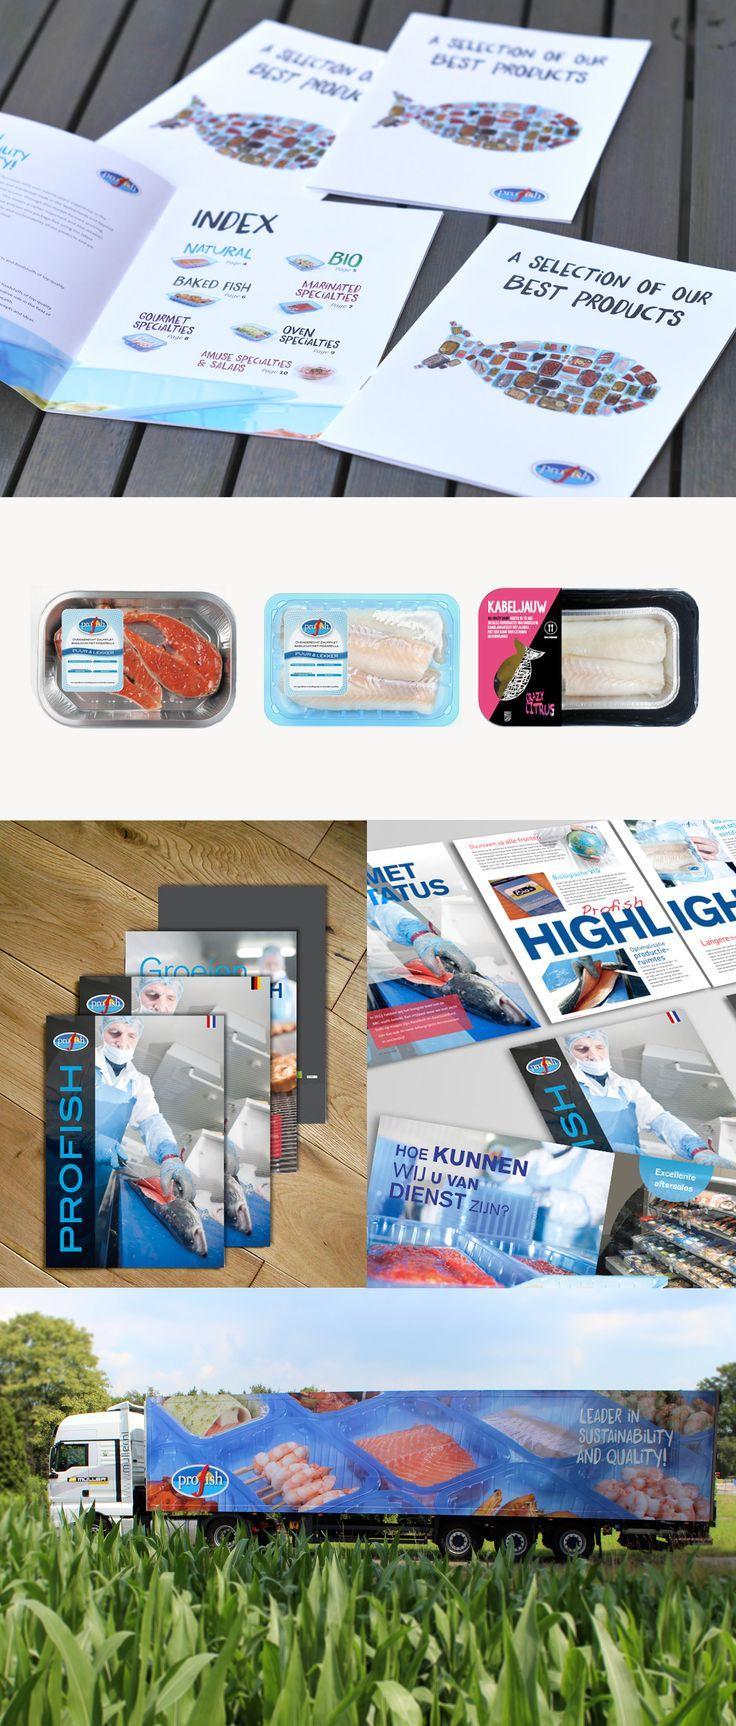 Profish alimentaria es una empresa familiar con más de veinte años de experiencia en el suministro de pescado pre-envasado para el comercio al por menor y al por mayor en Holanda y el resto del mundo. Diseñamos una nueva identidad, más moderna y minimalista, orientándonos al producto en si: es pescado. Dentro de la nueva imagen, diseñamos toda la linea de packaging y etiquetas, catálogos, banners y vehículos de transporte.